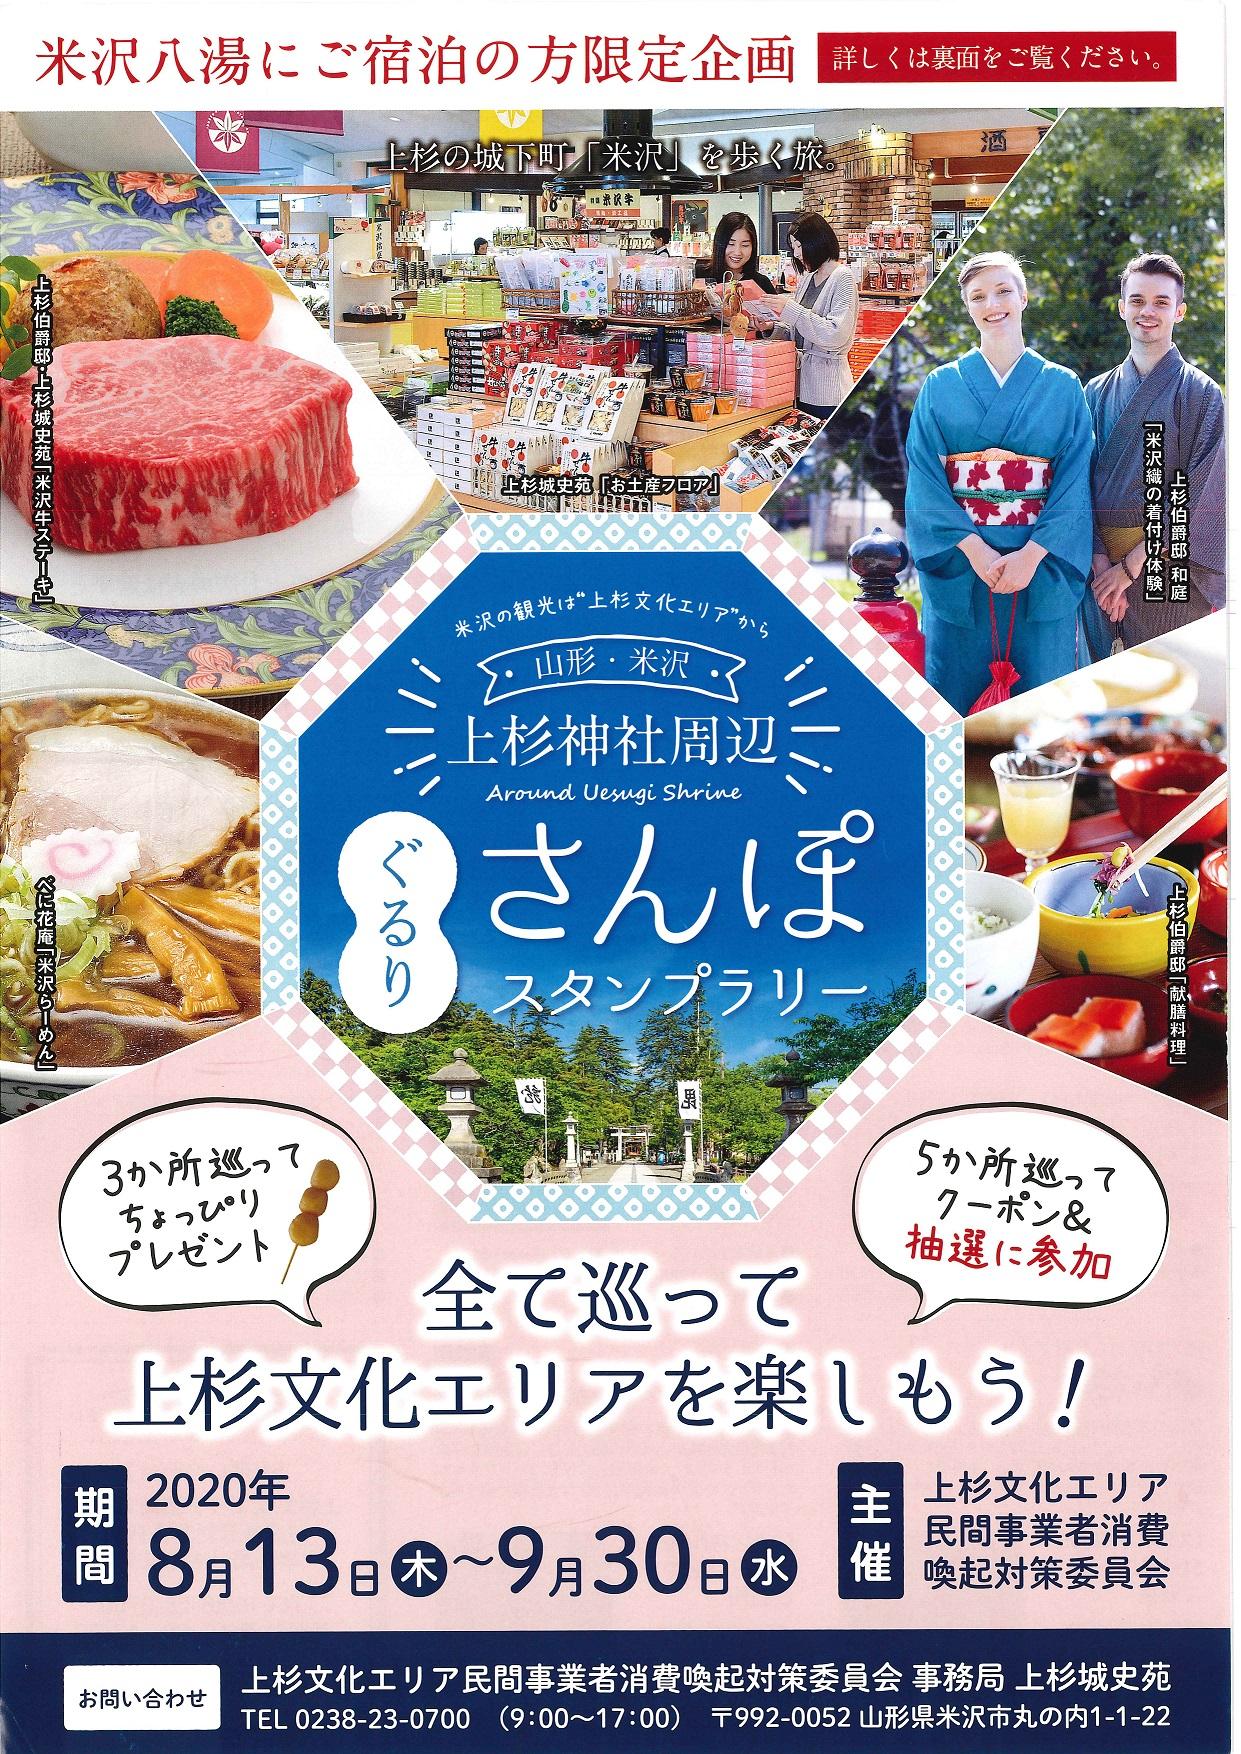 米沢の温泉旅館宿泊者限定!上杉神社周辺スタンプラリー開催!:画像